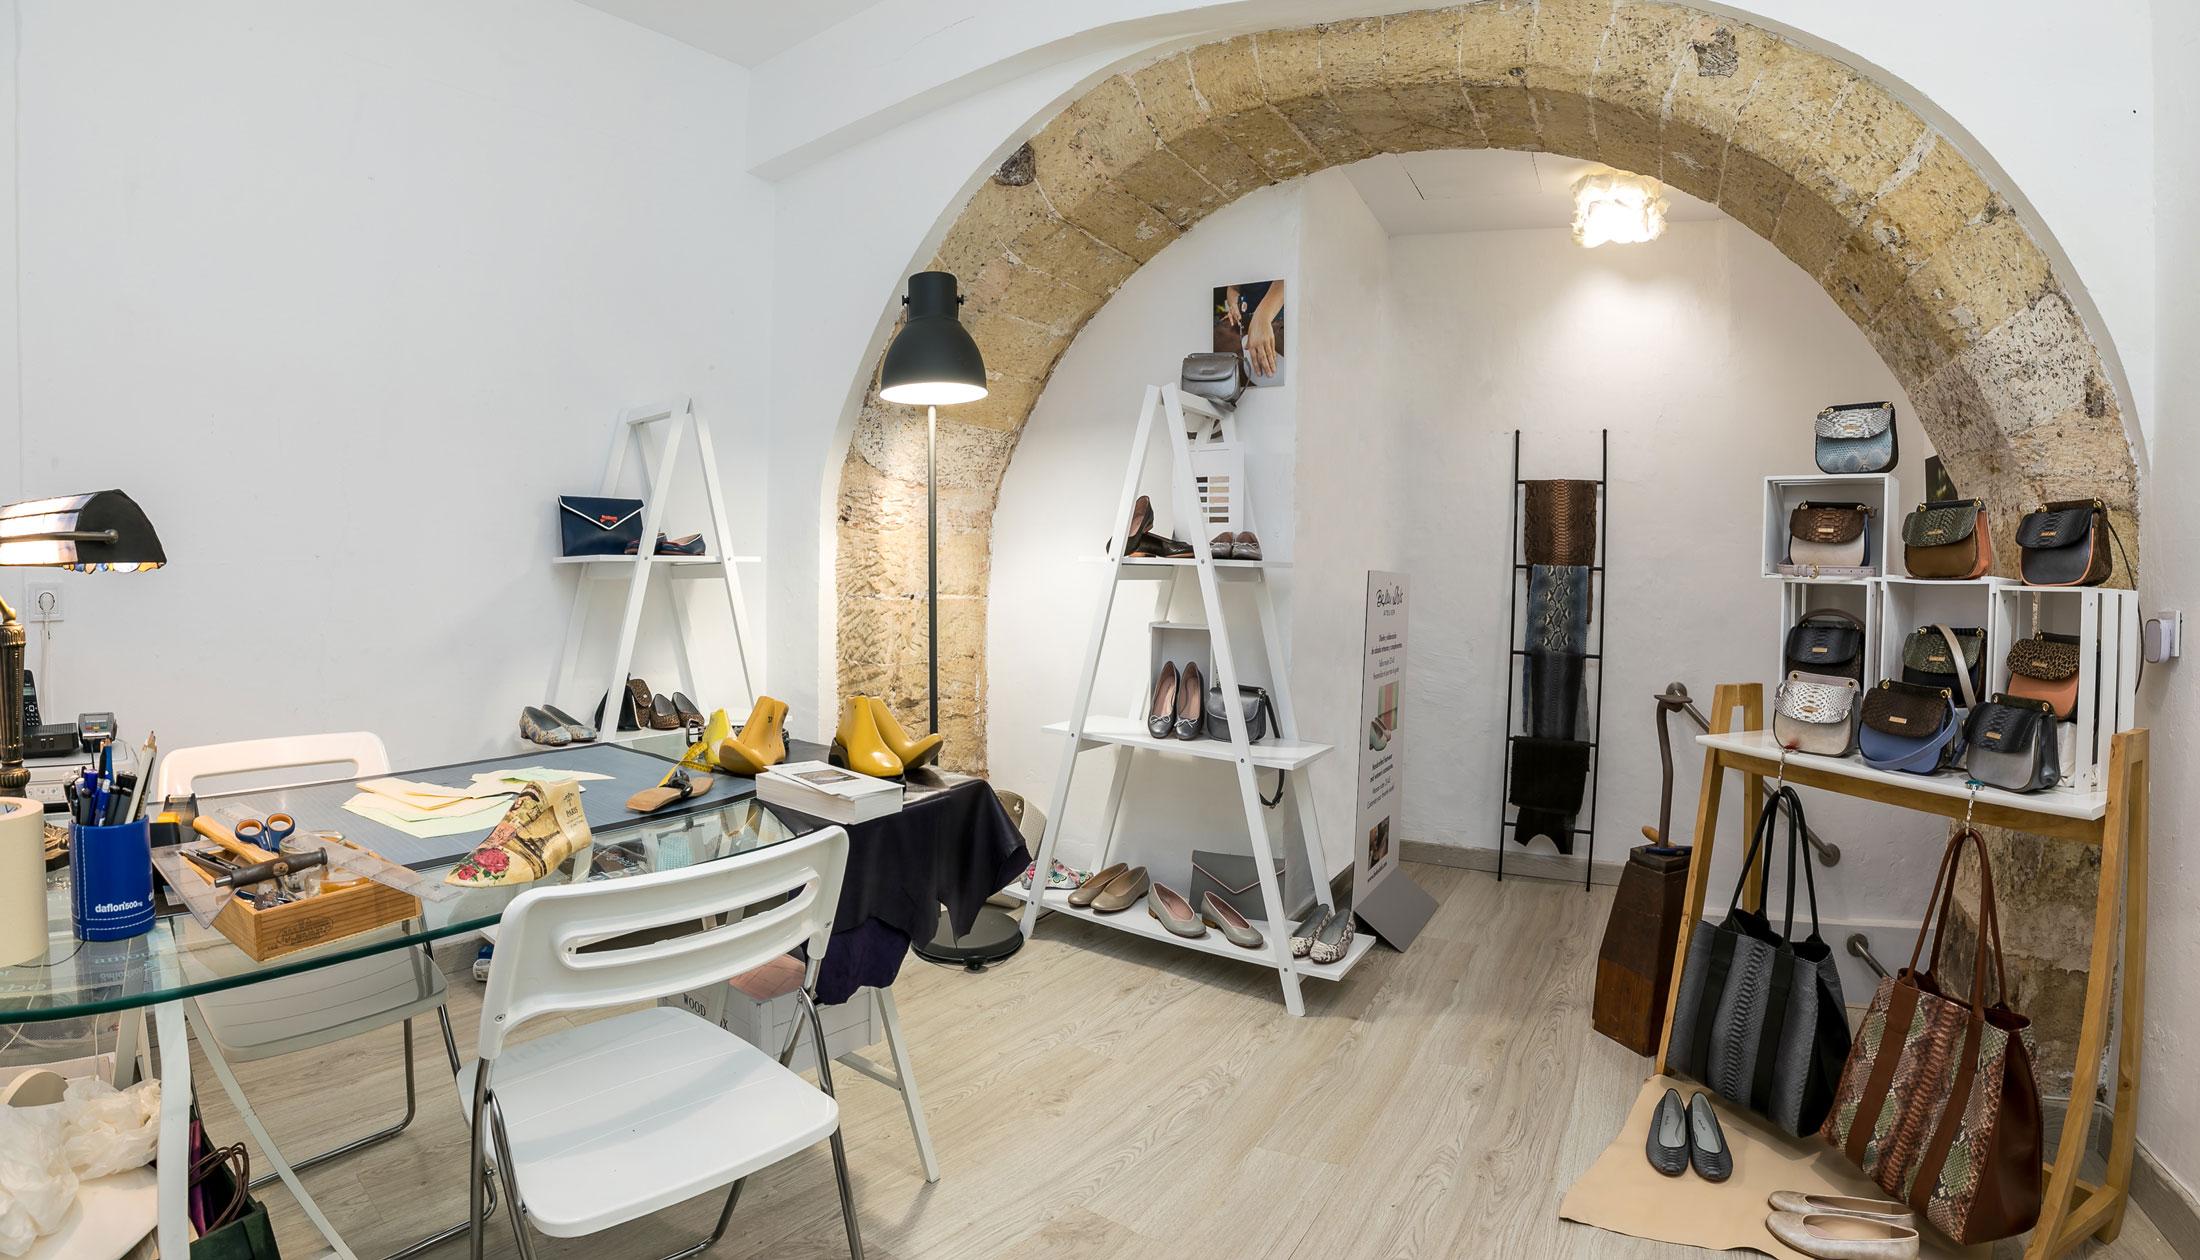 Visita nuestra tienda en Palma